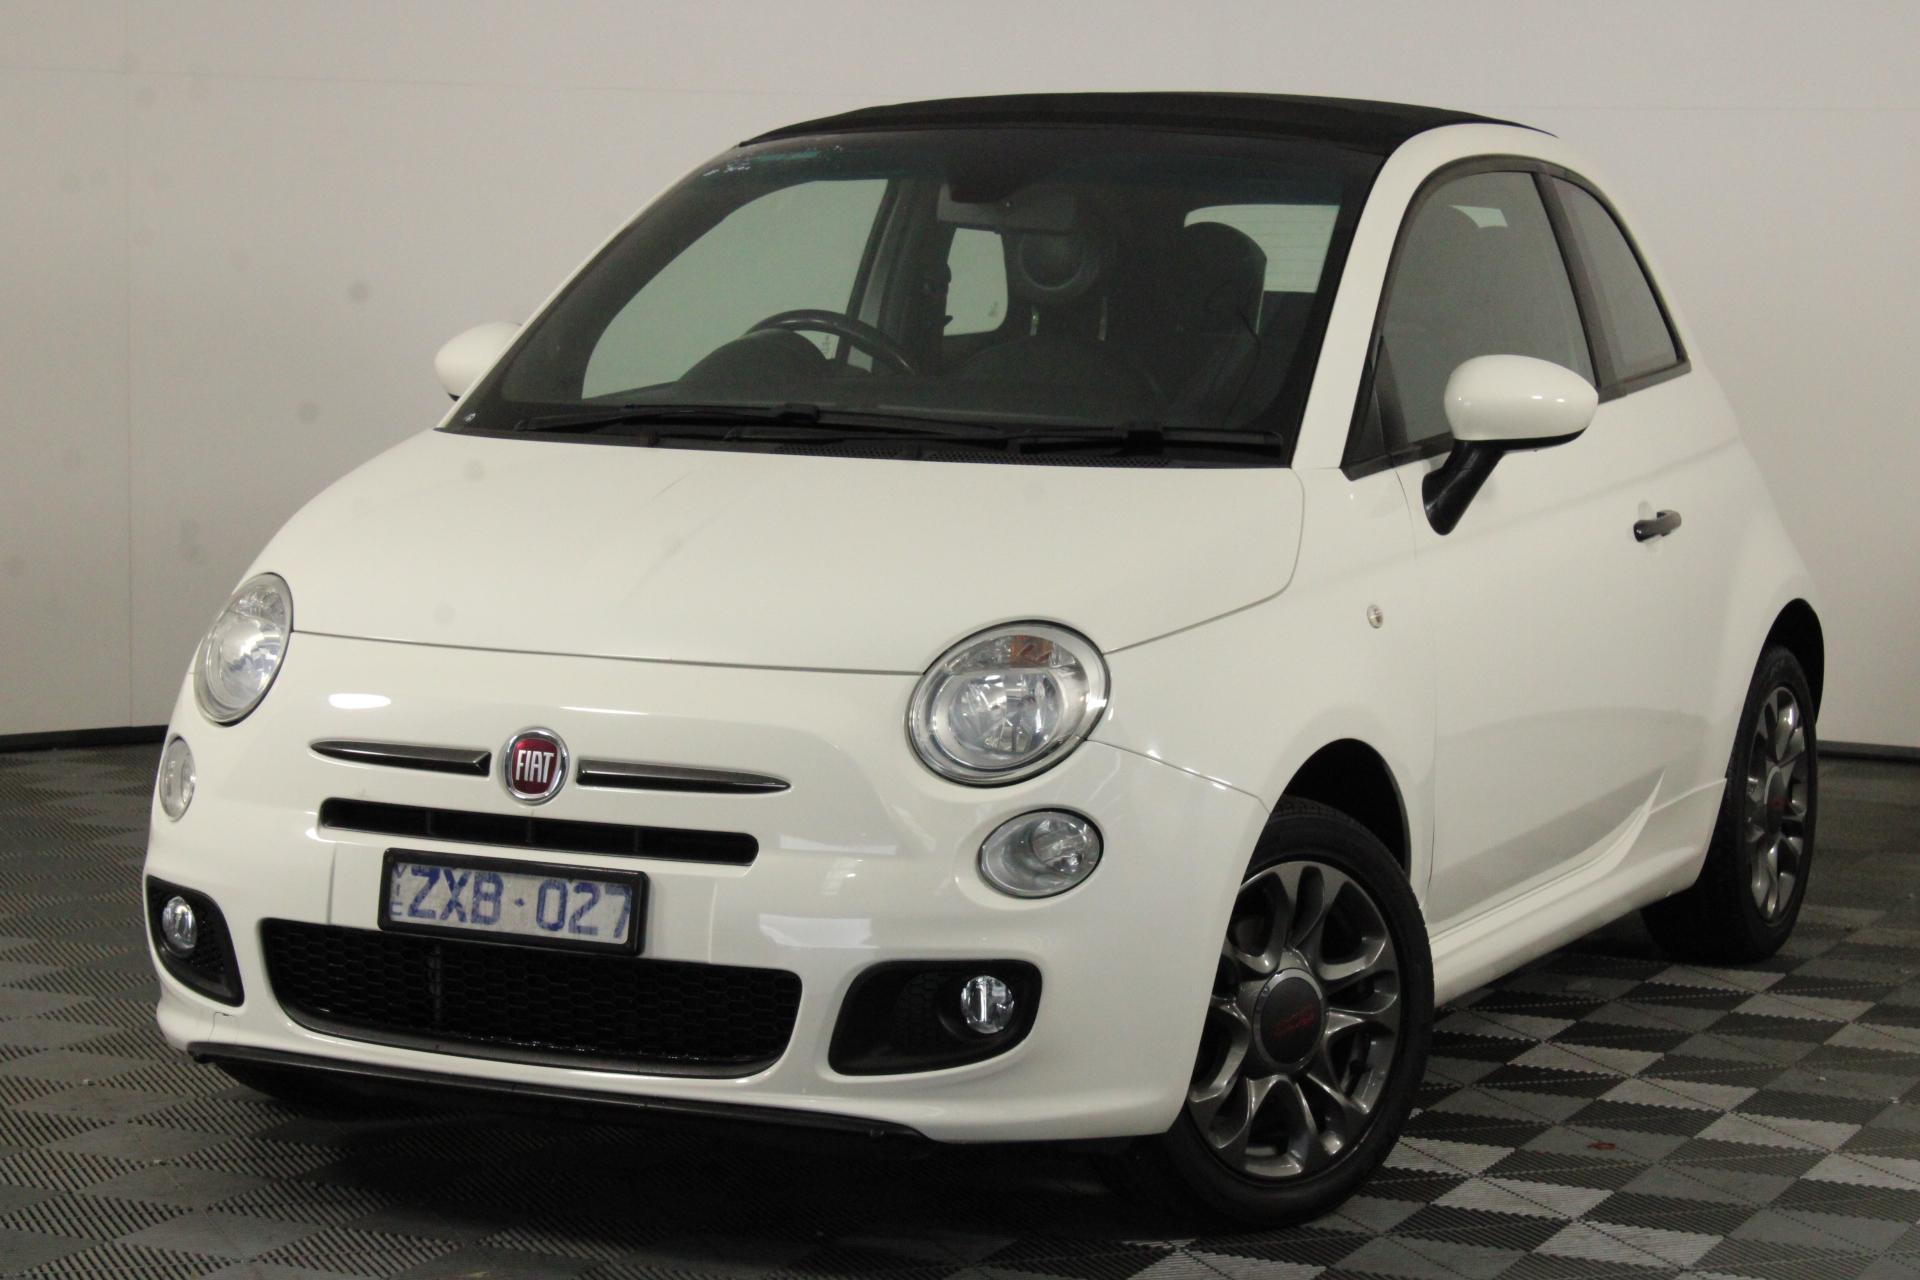 2013 Fiat 500 C S Sports Auto Convertible